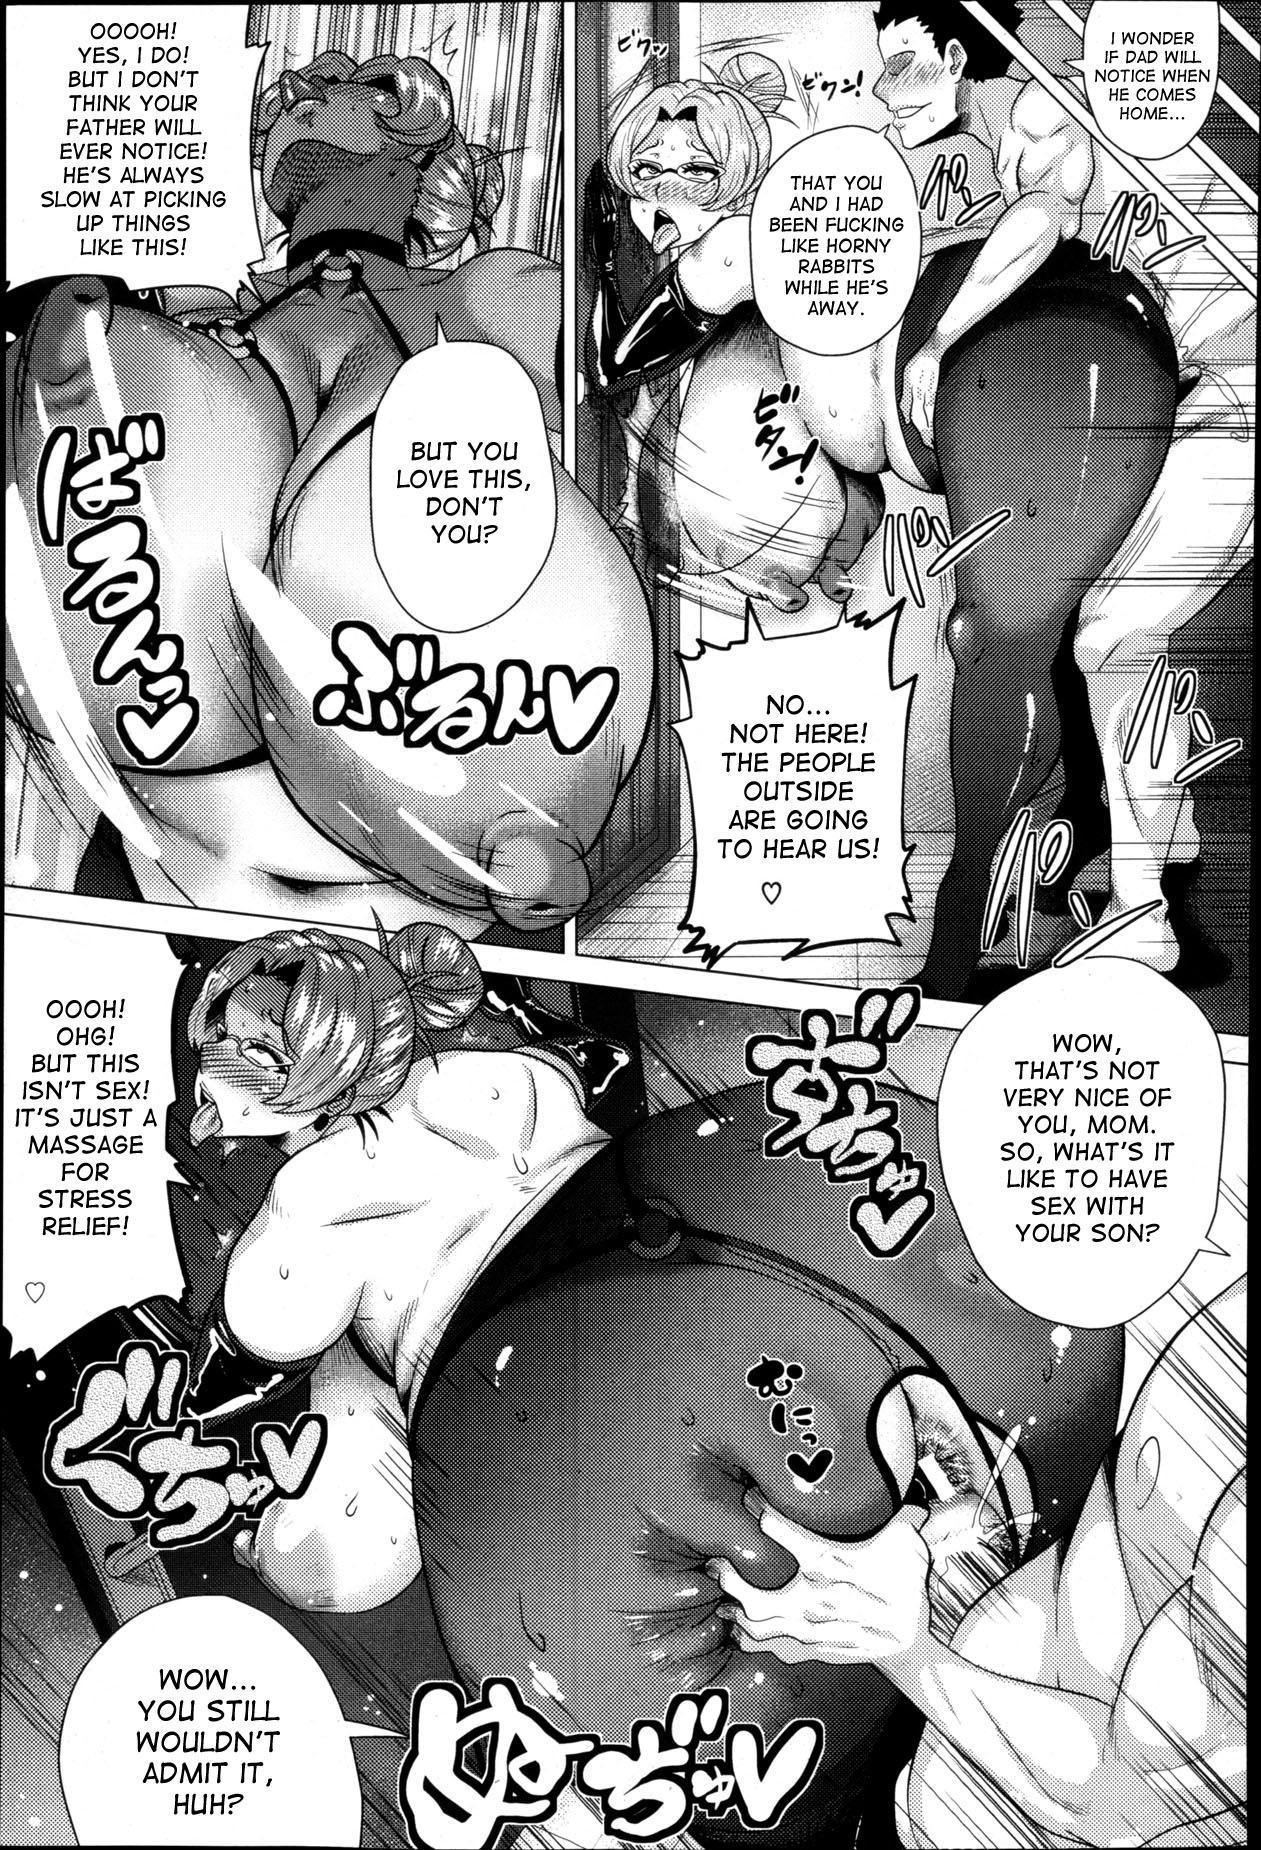 [Yokkora] Megabody Night ~Watashi no Oniku wo Meshiagare~ | Megabody Night ~My voluptuous body & mom love~ [English] {Laruffi + desudesu + EHCOVE} 105